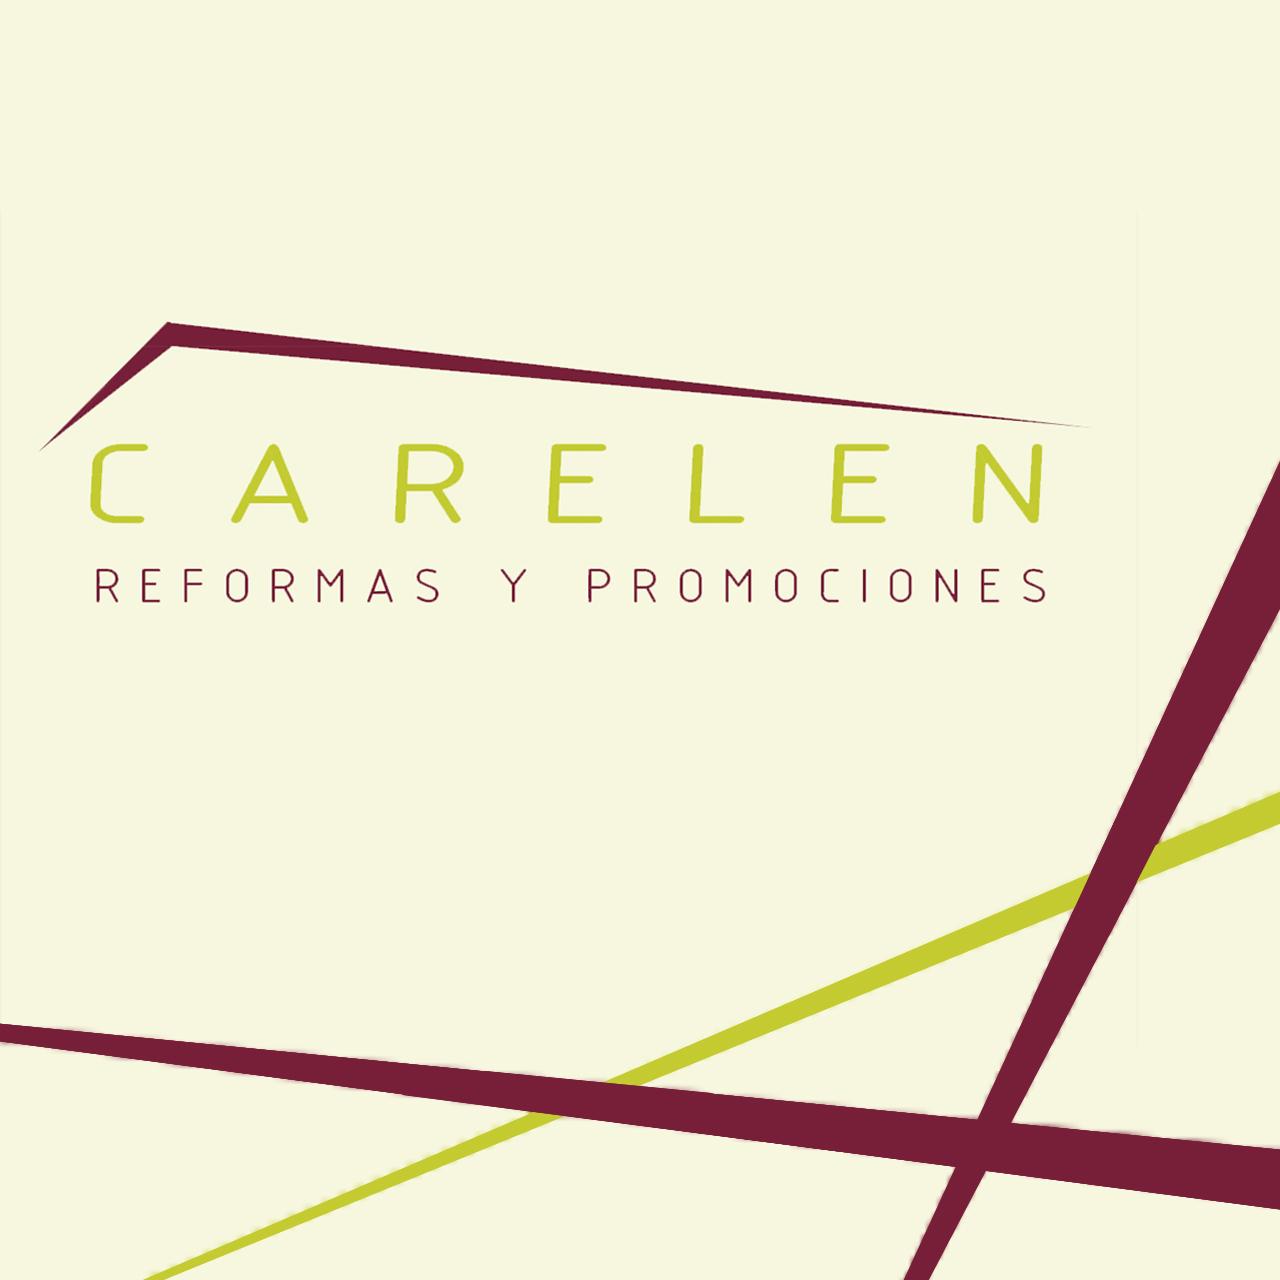 Carelen Reformas Y Promociones